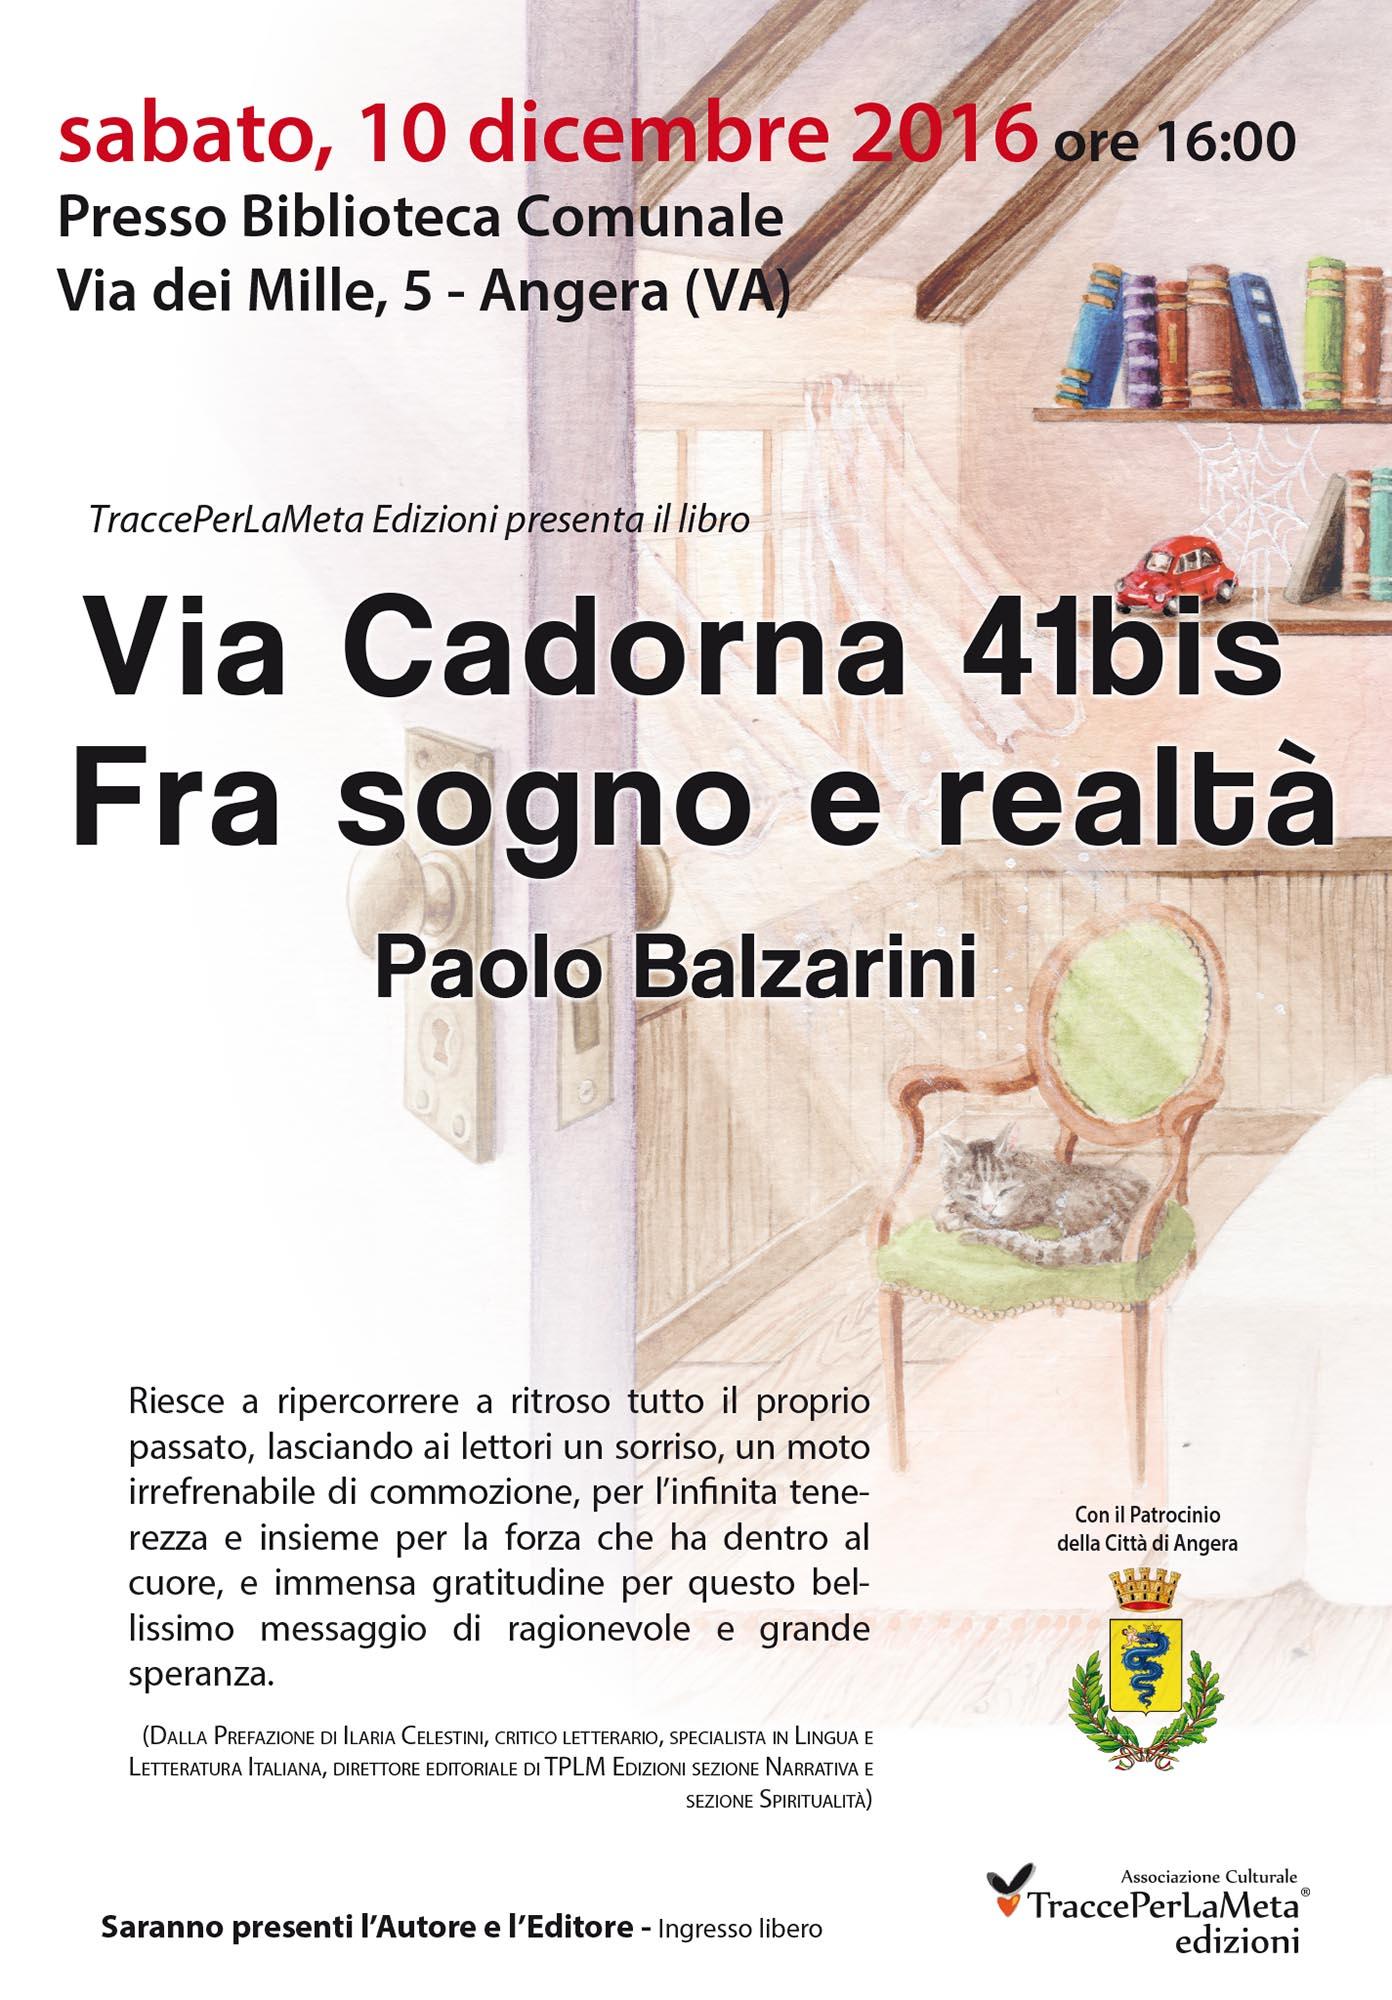 20161210_balzarini-angera-locandina-web